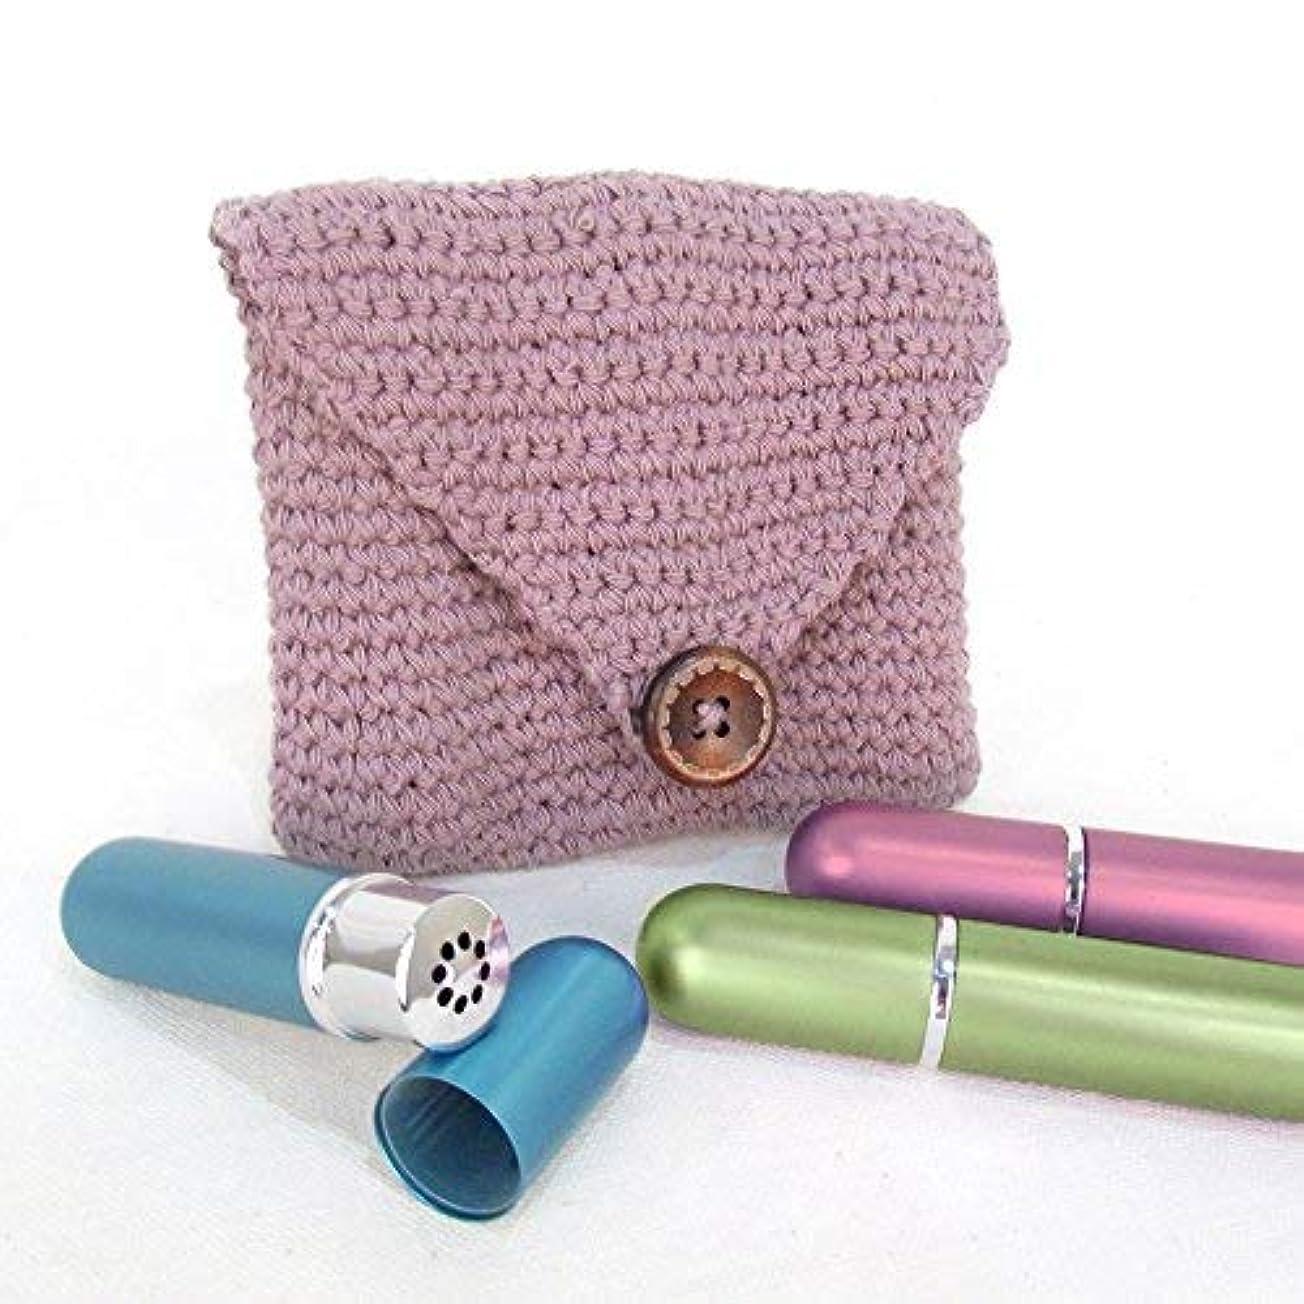 おもてなし飲み込むシェトランド諸島Purple Crochet Case and 3 Empty Essential Oil Aluminum and Glass Refillable Inhalers by Rivertree Life [並行輸入品]